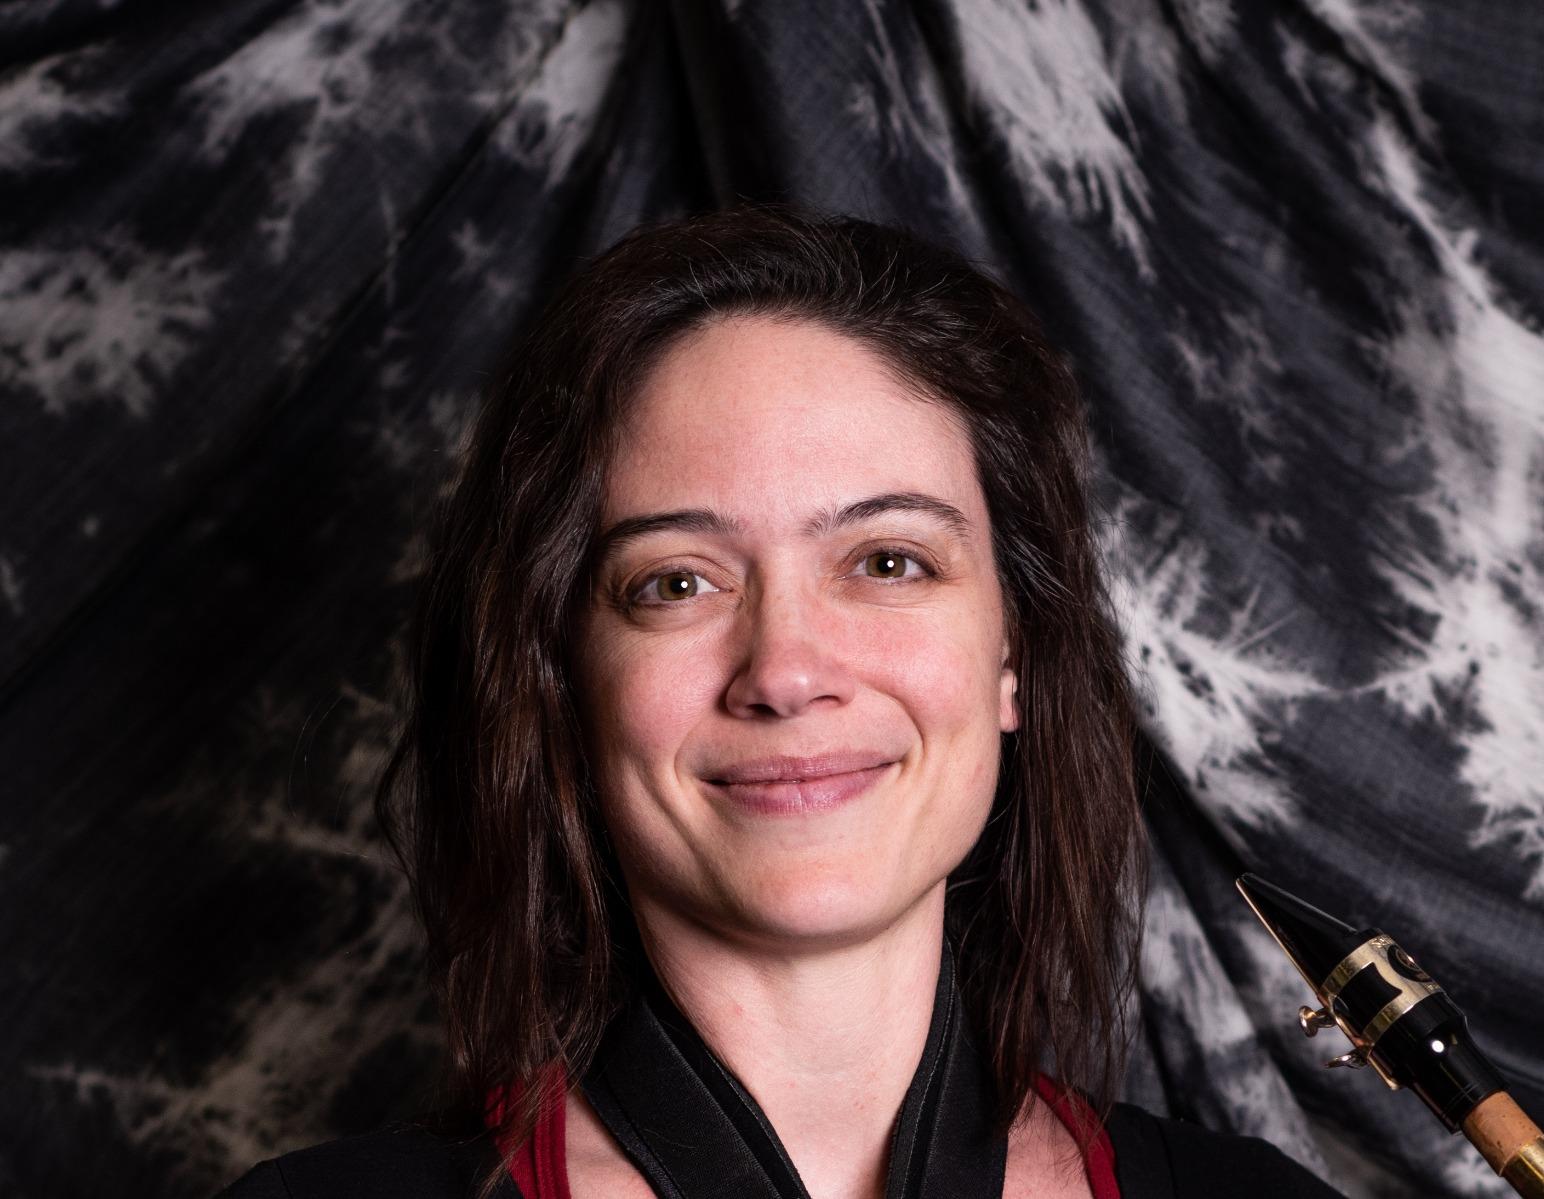 Courtney Karkkainen